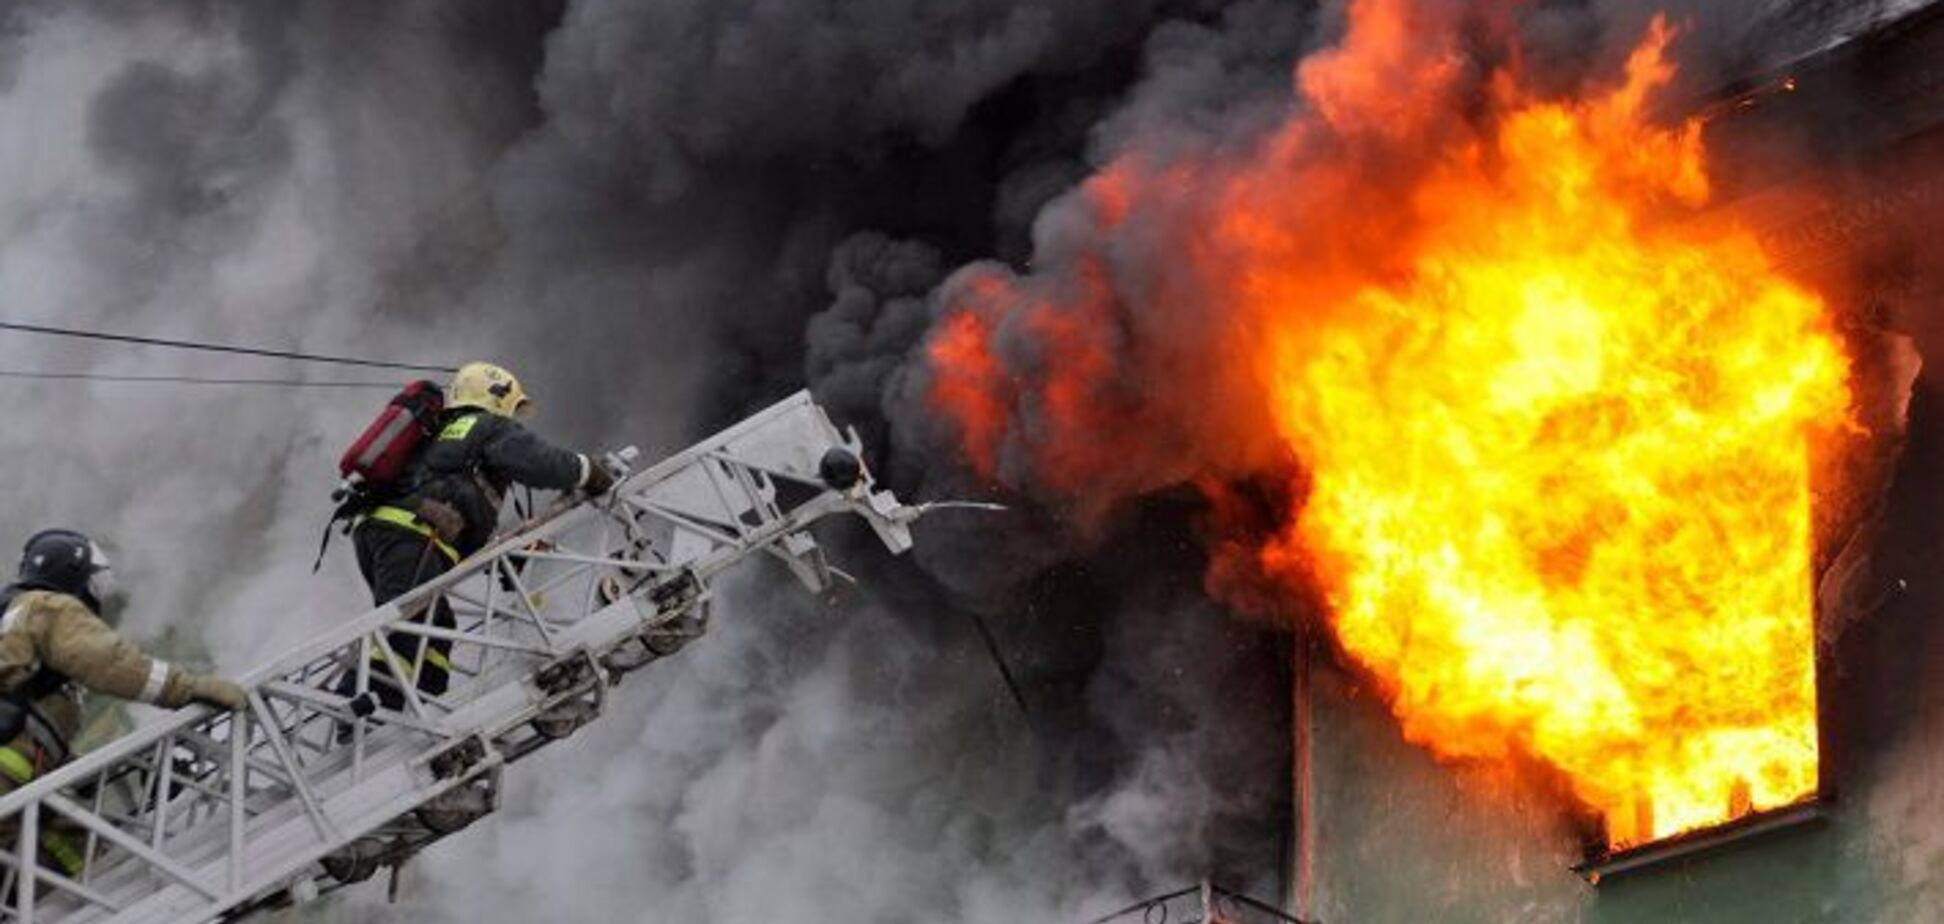 Під Дніпром горіла багатоповерхівка: врятований чоловік помер по дорозі в лікарню